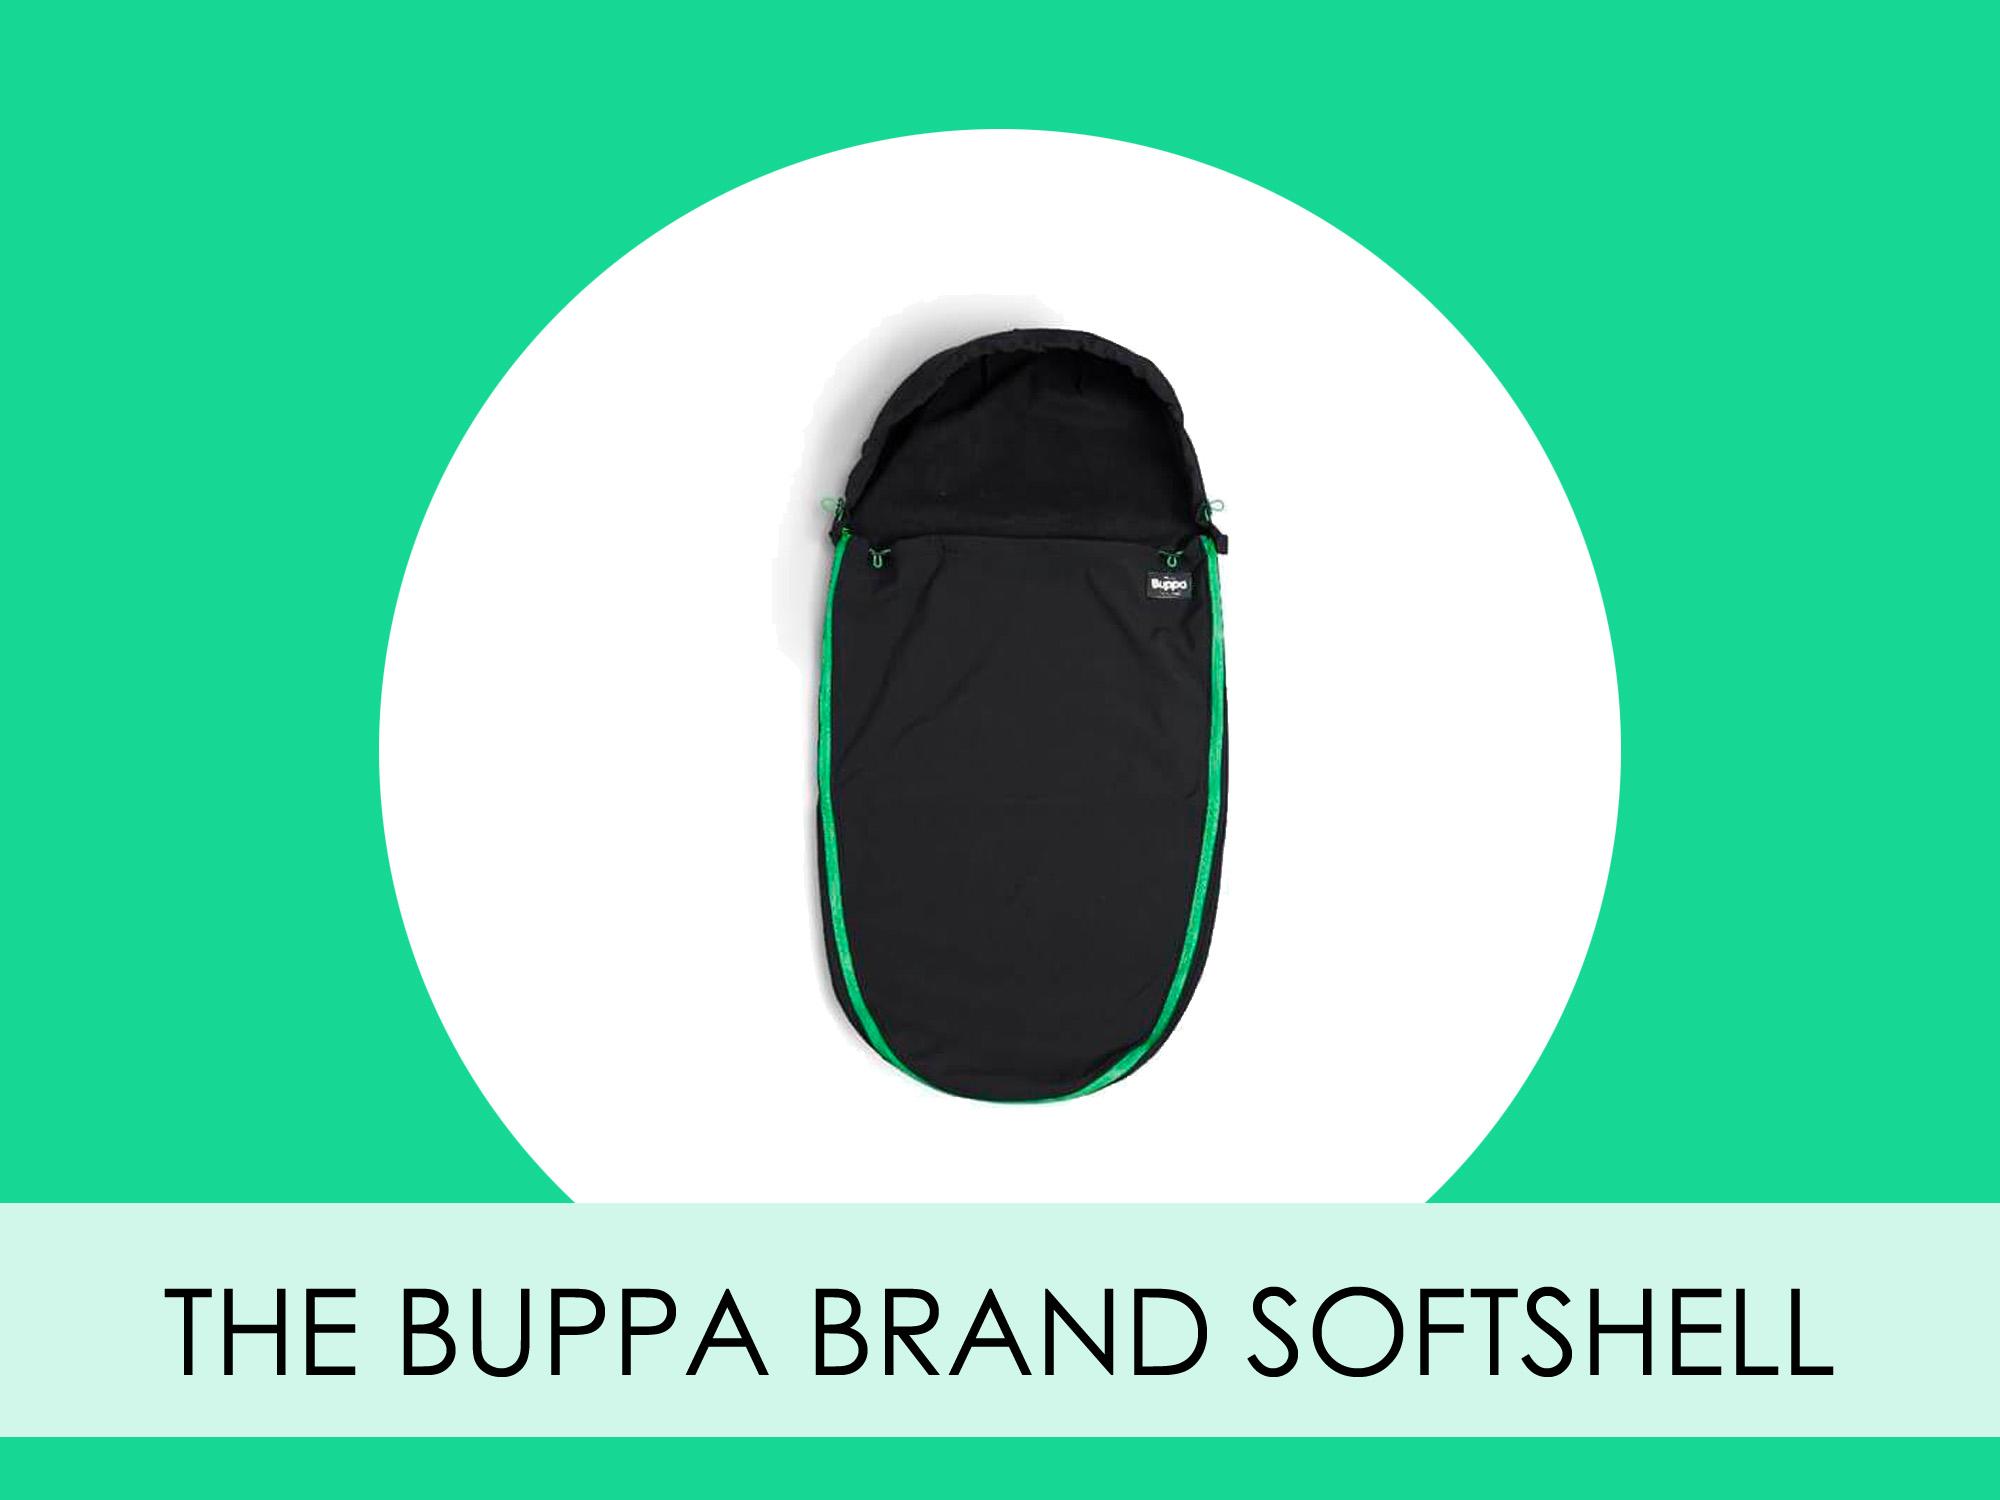 The Buppa Brand Softshell tunn åkpåse för vår och höst 2019